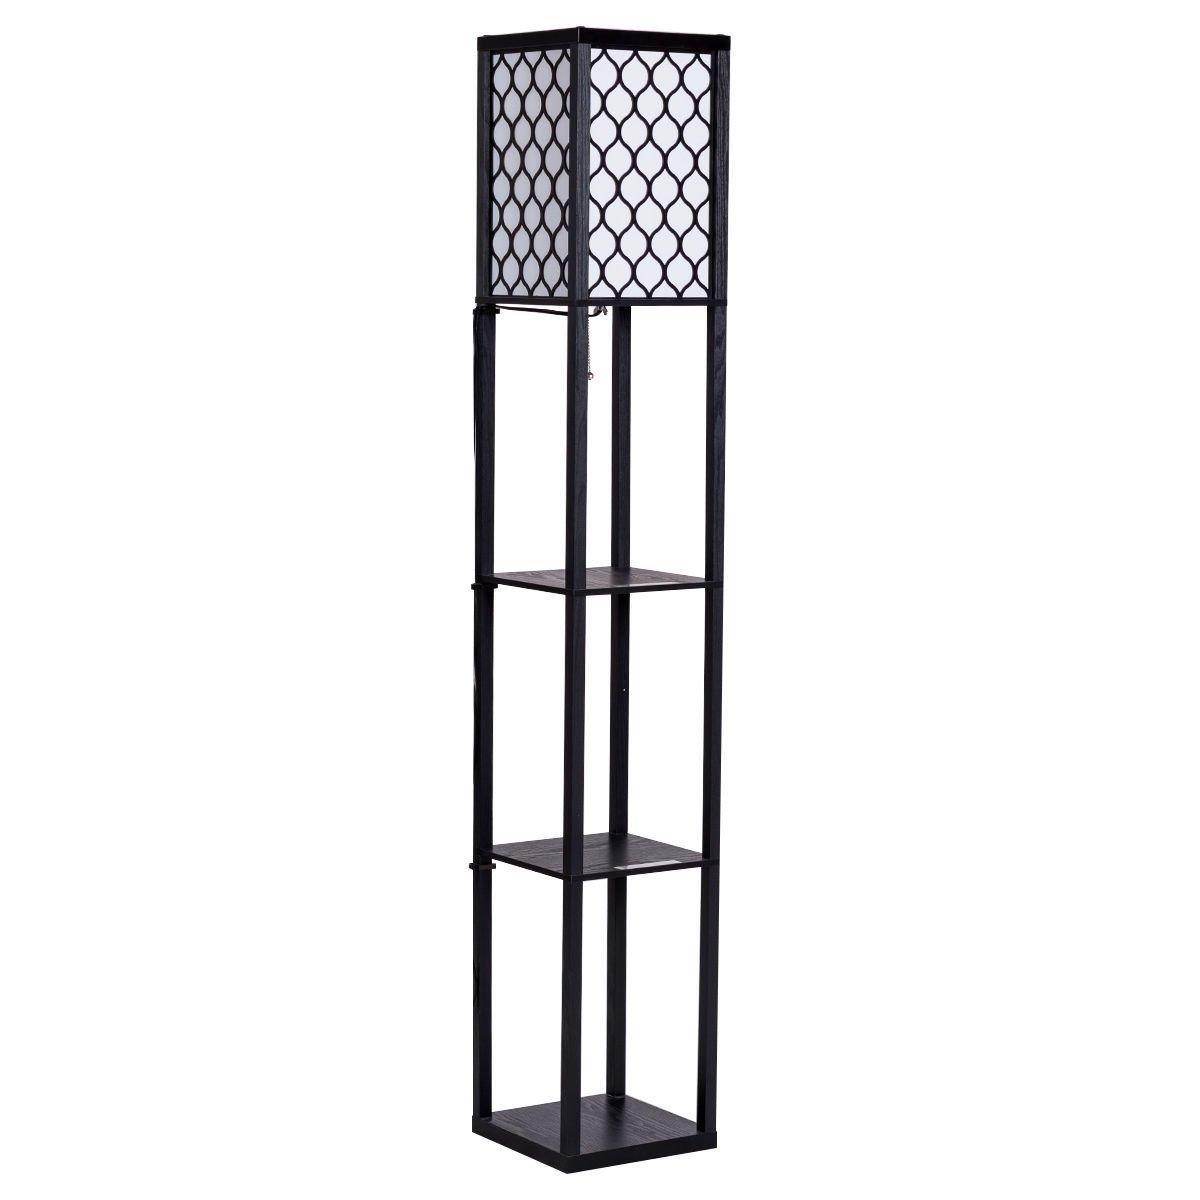 Get Quotations Cypress Shelf Floor Lamp Rack 3 Tiers Shelving Lighting Home Living Room Bedroom With